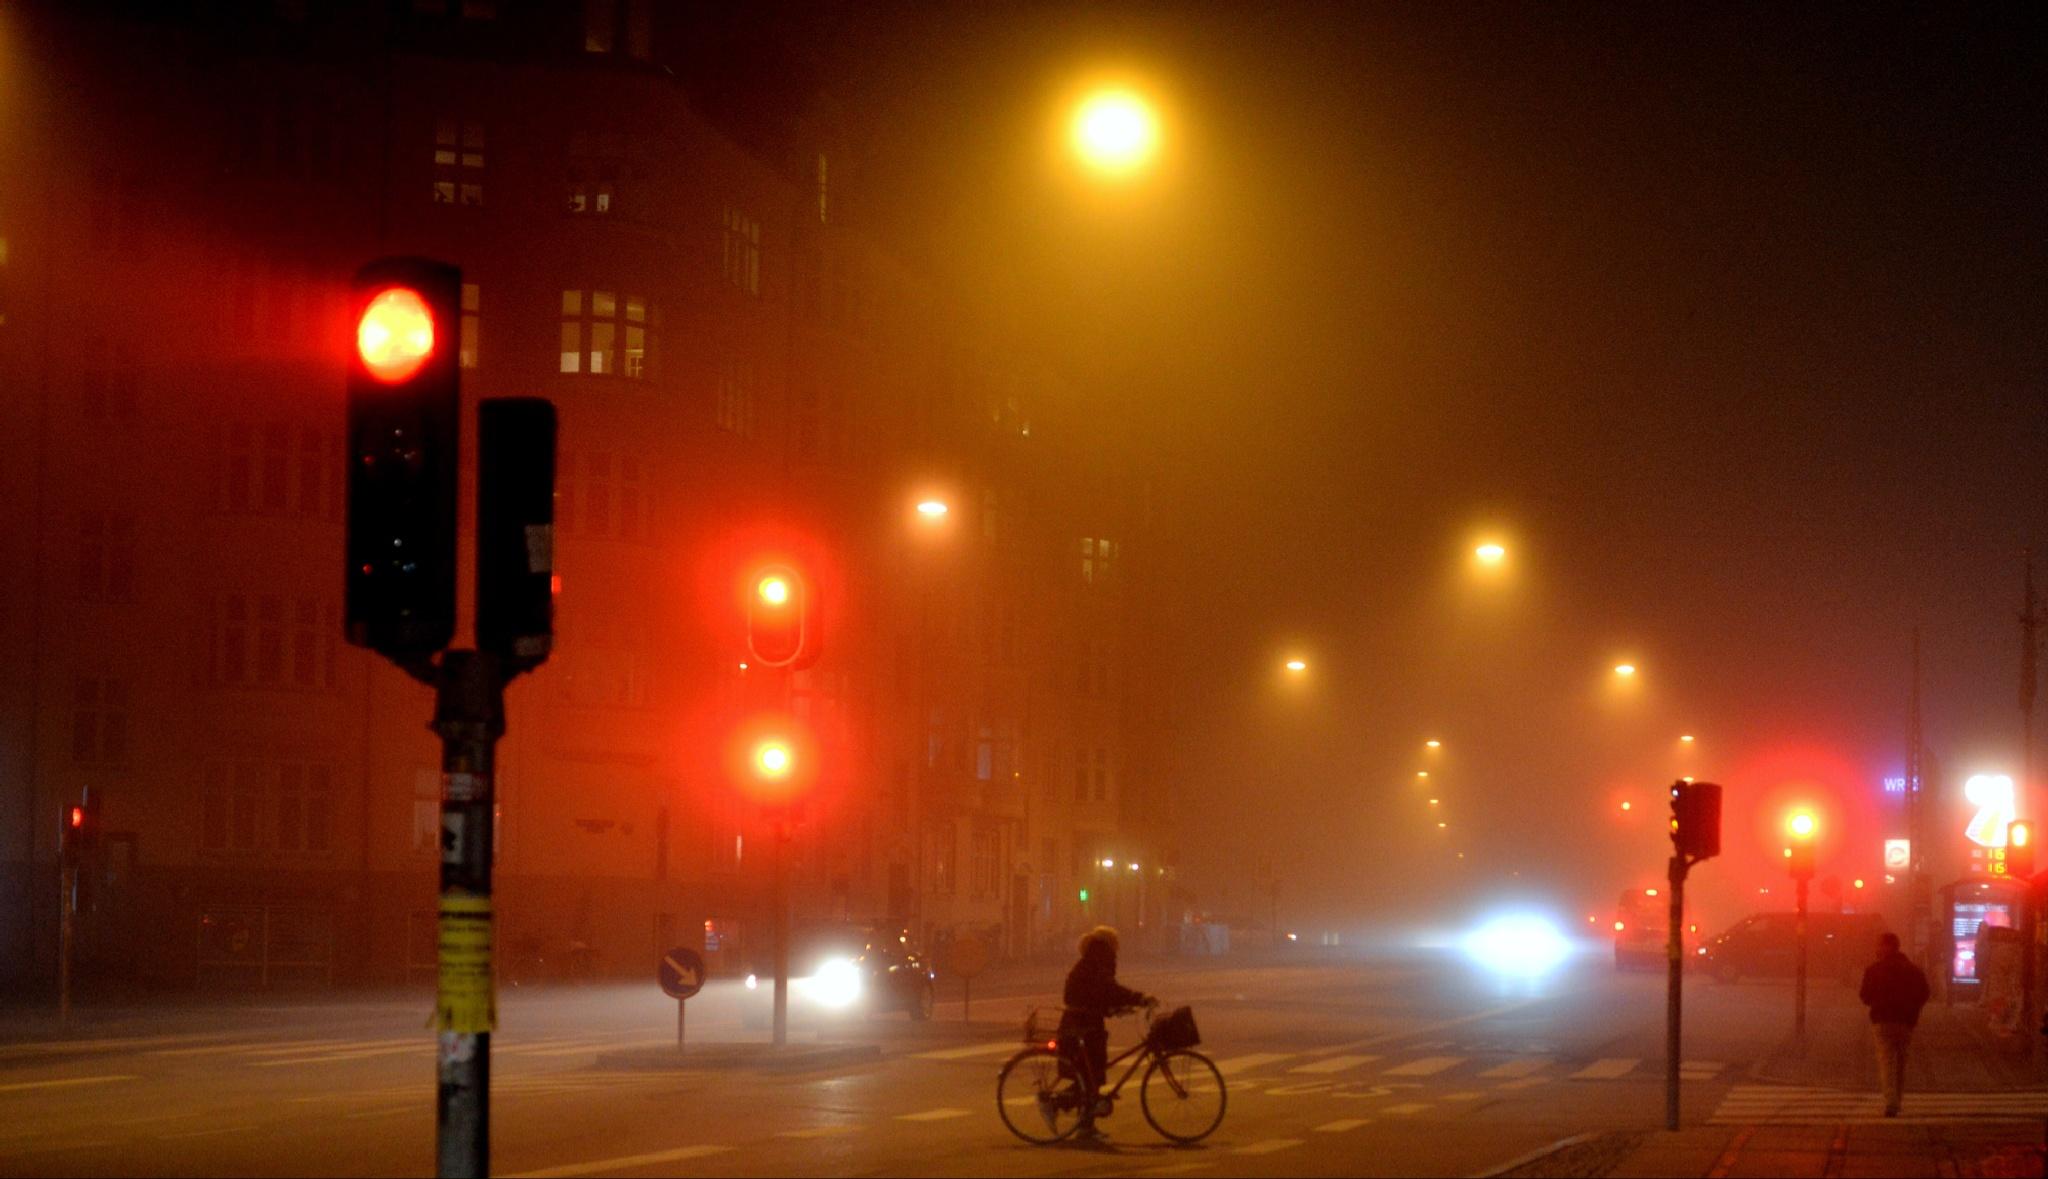 The fog by pmpkannan